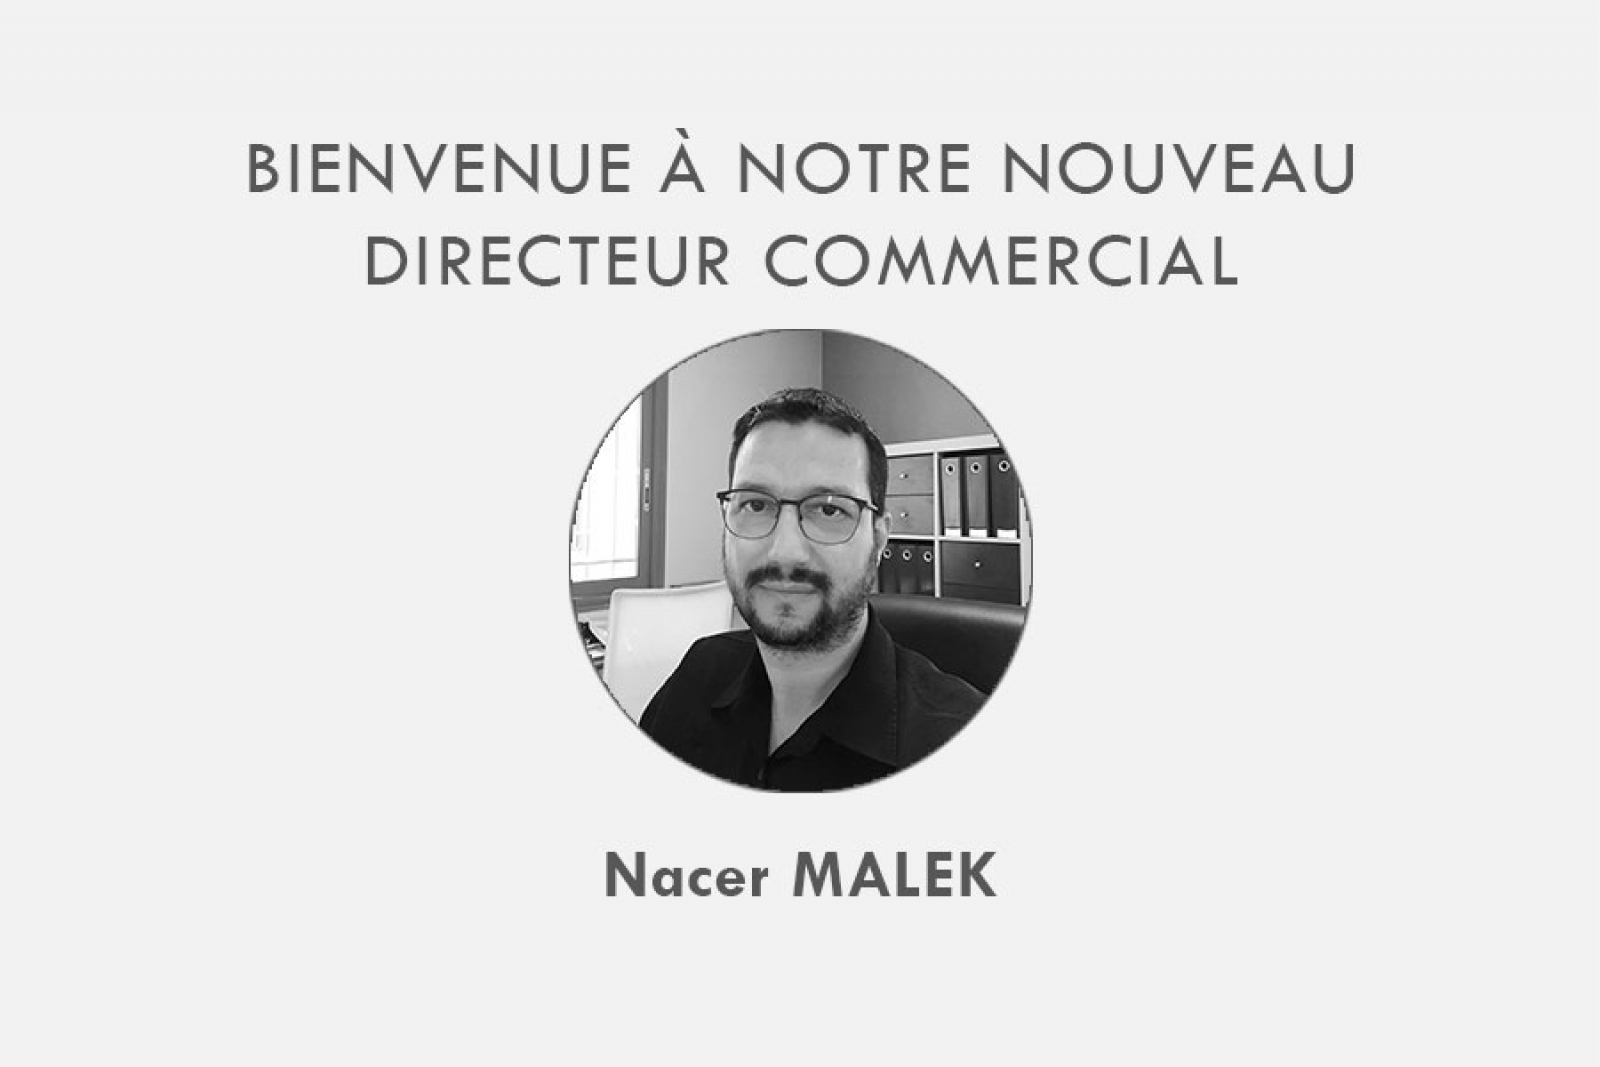 Découvrez Nacer MALEK : notre nouveau directeur commercial